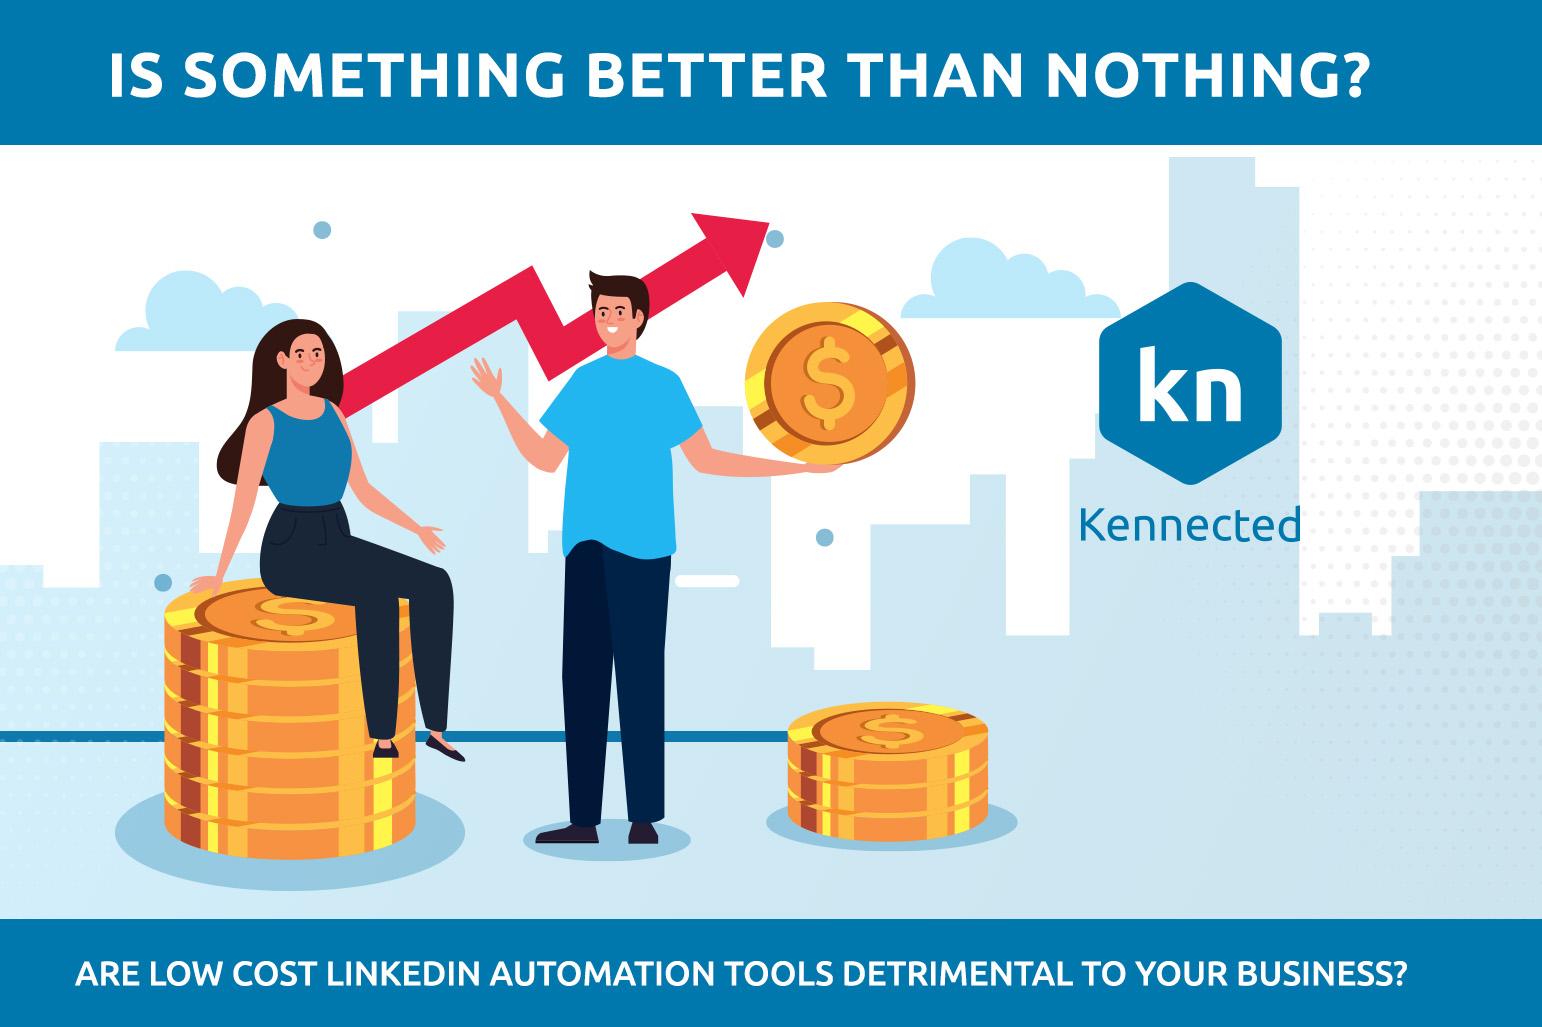 Mieux vaut quelque chose que rien ? Les outils d'automatisation LinkedIn à faible coût sont-ils préjudiciables à votre entreprise ?